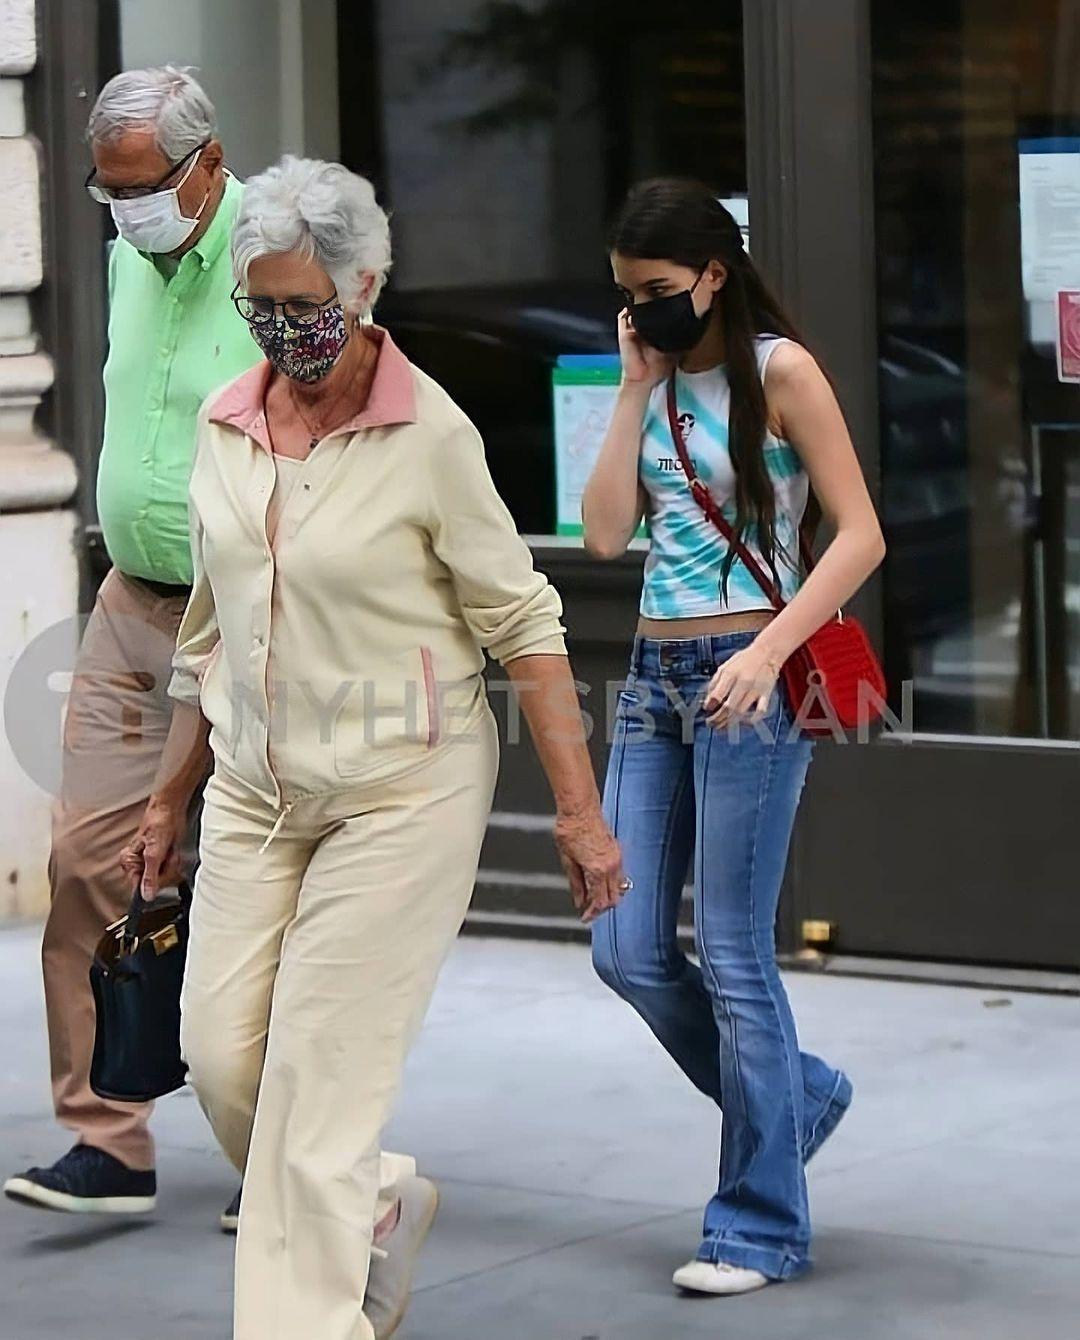 Suri Cruise toàn mặc quần jeans lỗi mốt nhưng nhờ chân dài miên man, vóc dáng chuẩn mà vẫn đẹp xuất sắc - Ảnh 8.